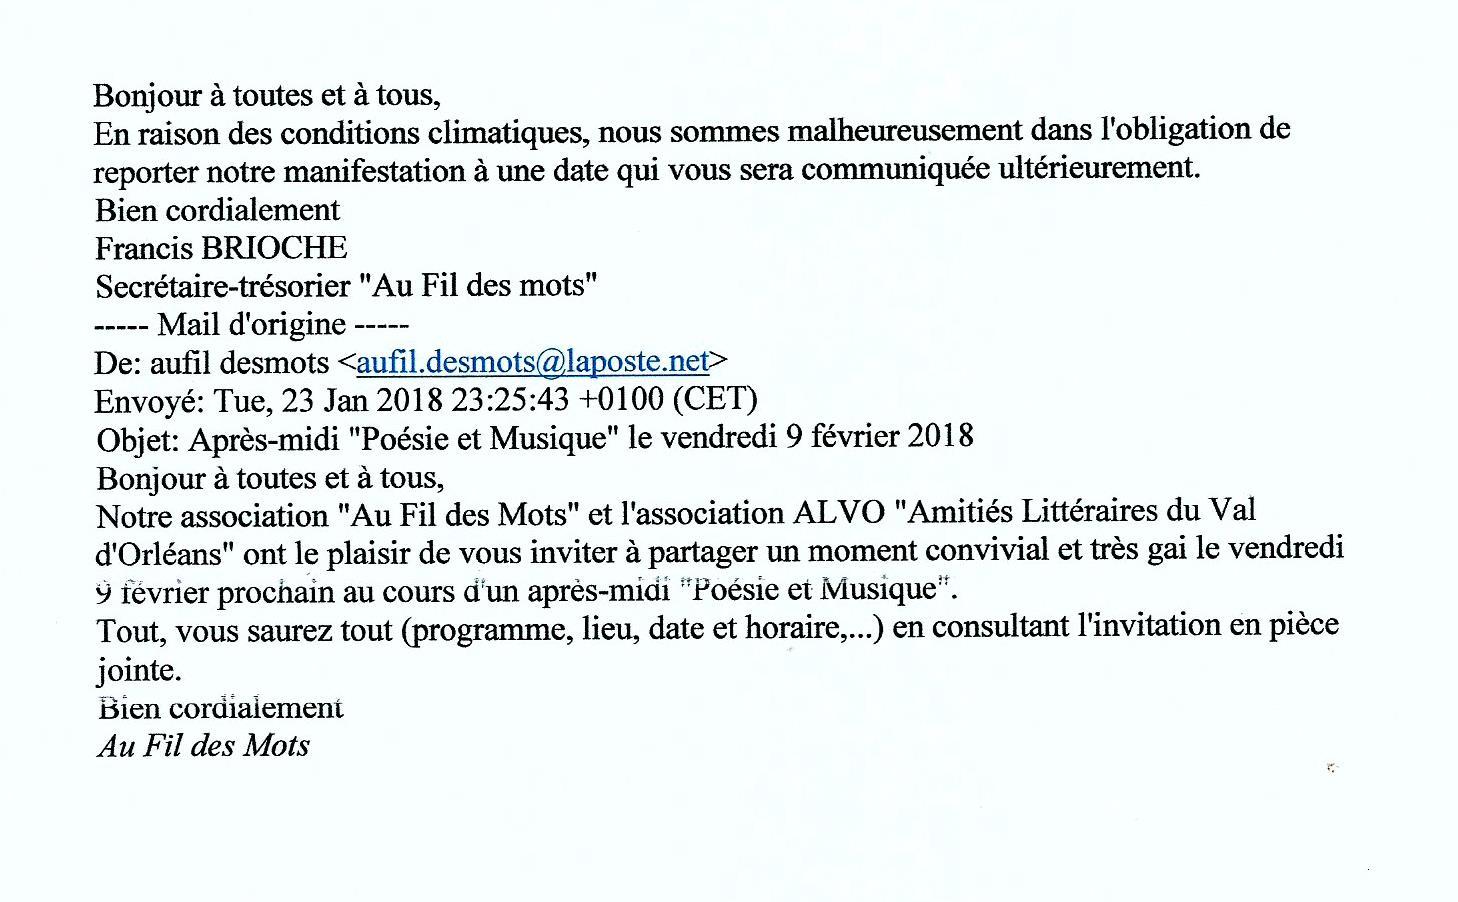 Scan Communiqué de Presse Au Fil des Mots 2018 (09.02.2018).jpg